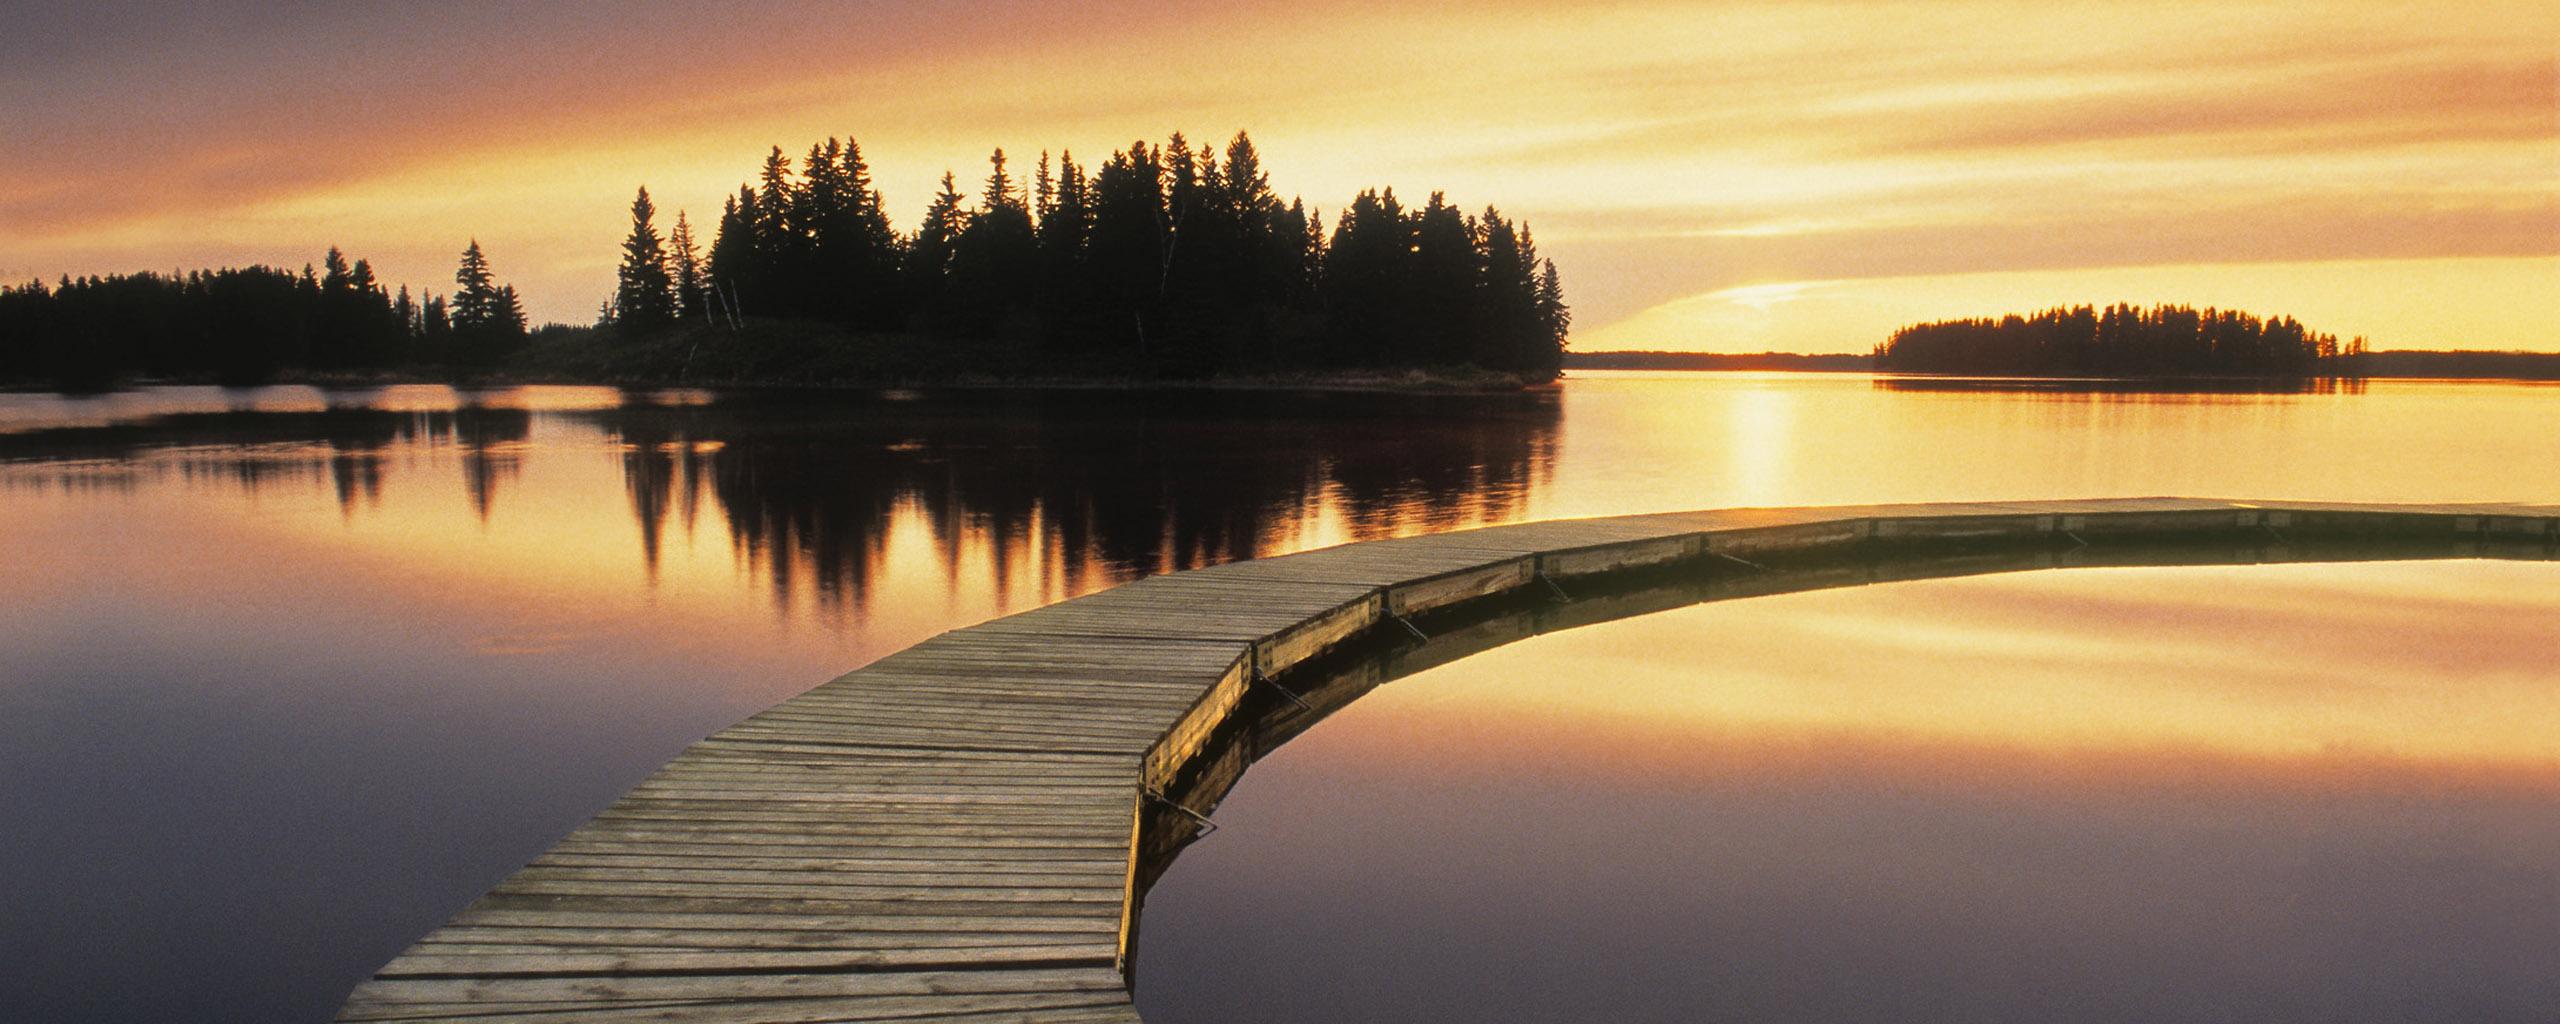 1440x900 sunset lake desktop - photo #31